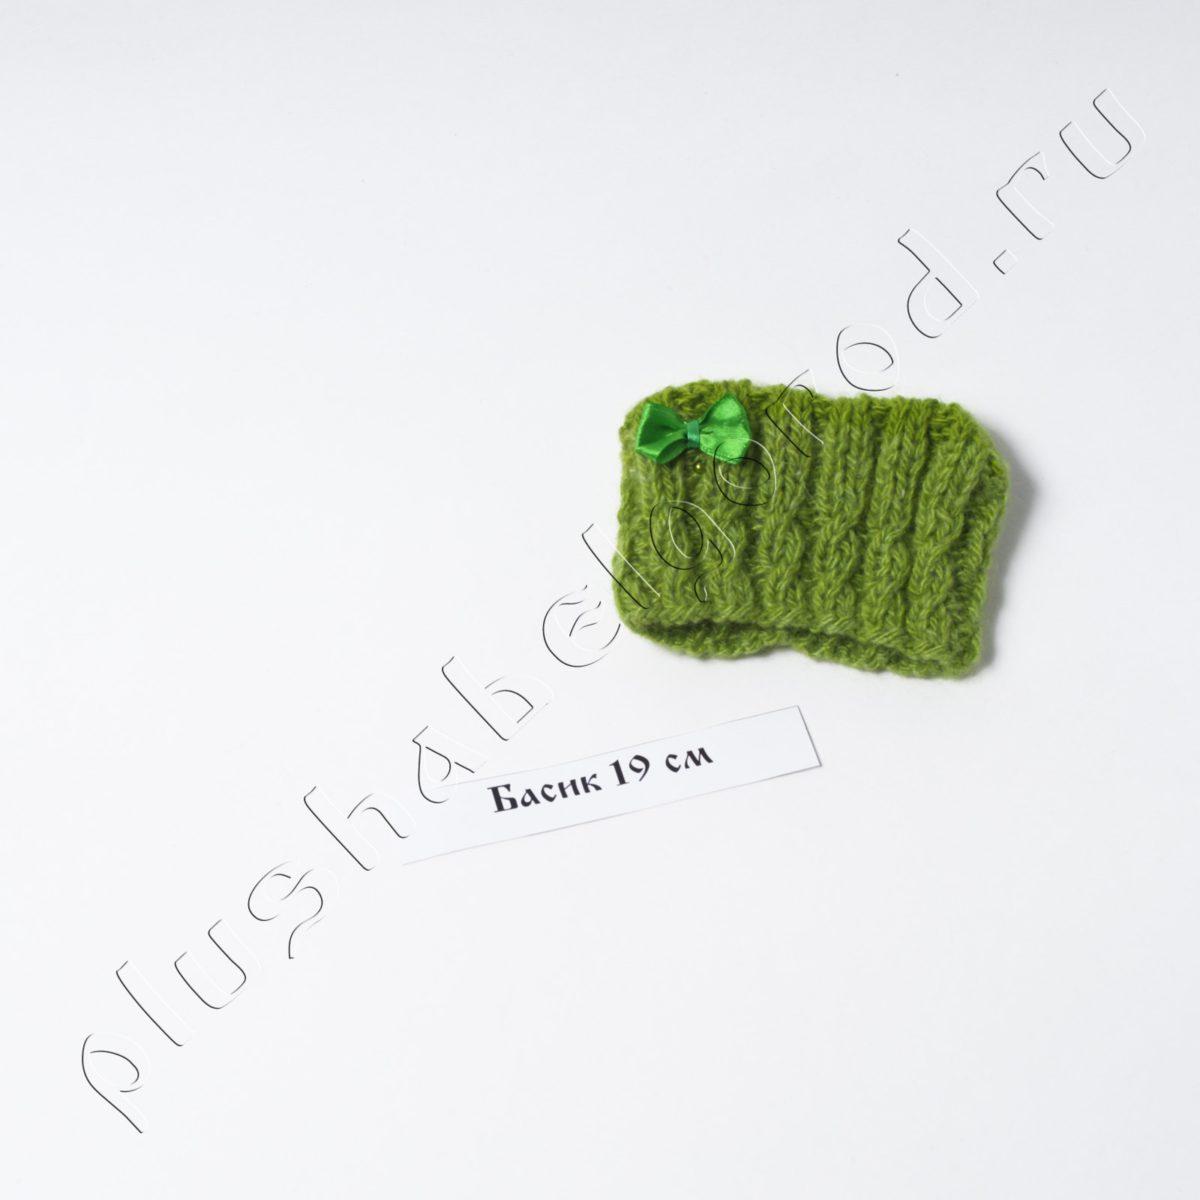 Акция! Выгода 50₽!Шапочка зелёная с бантиком